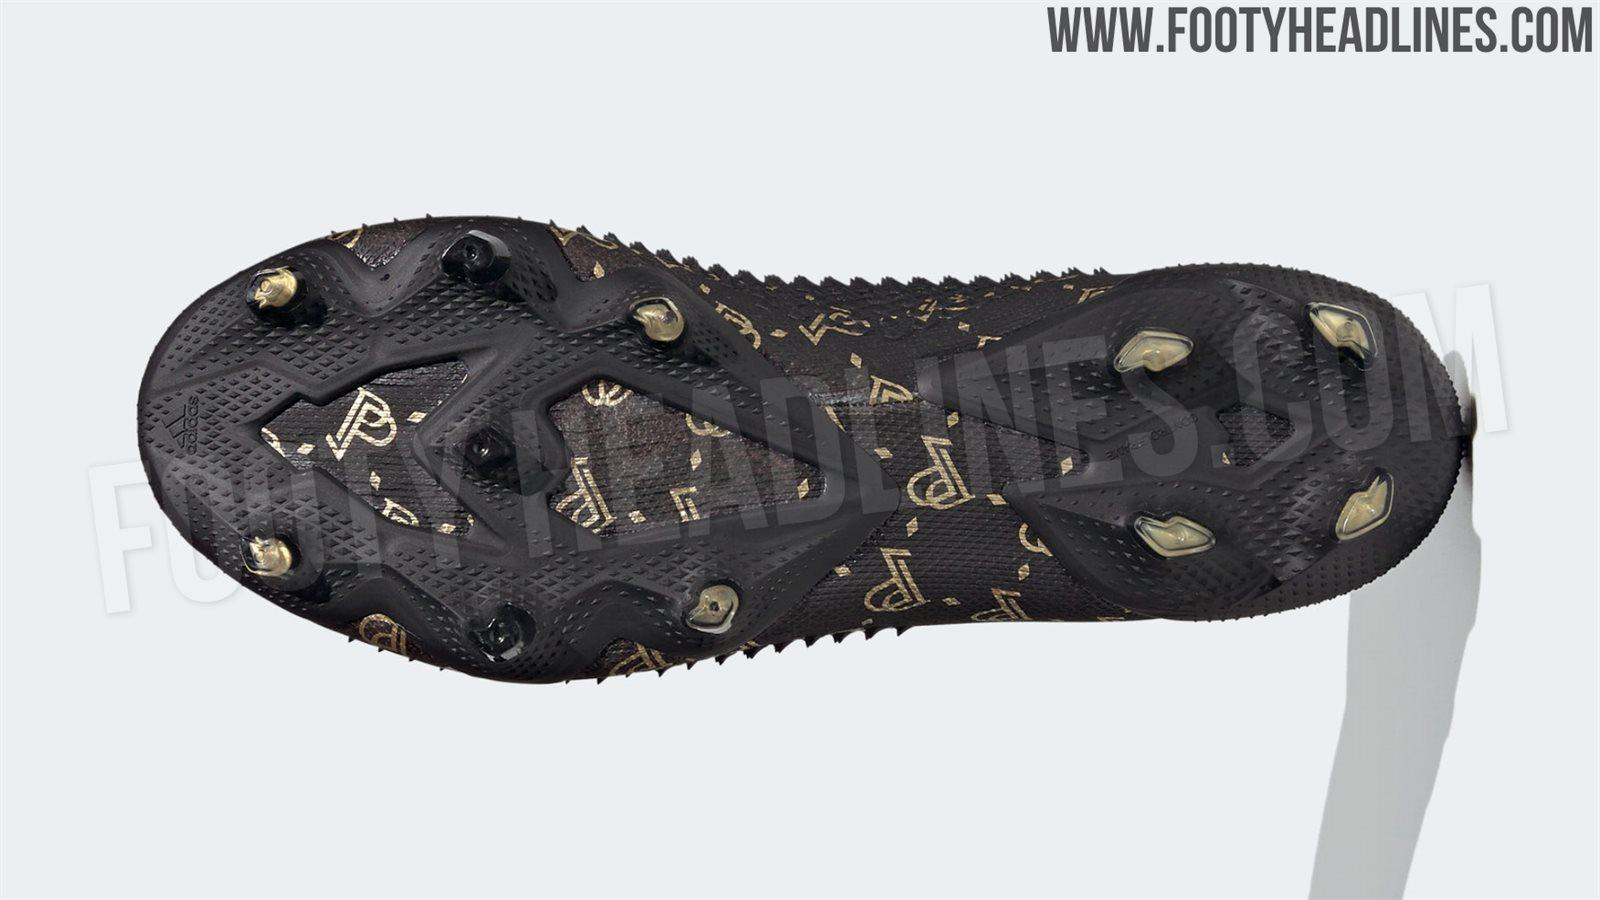 Giay da banh Adidas Predator 20+ Pogba season 7 (2)